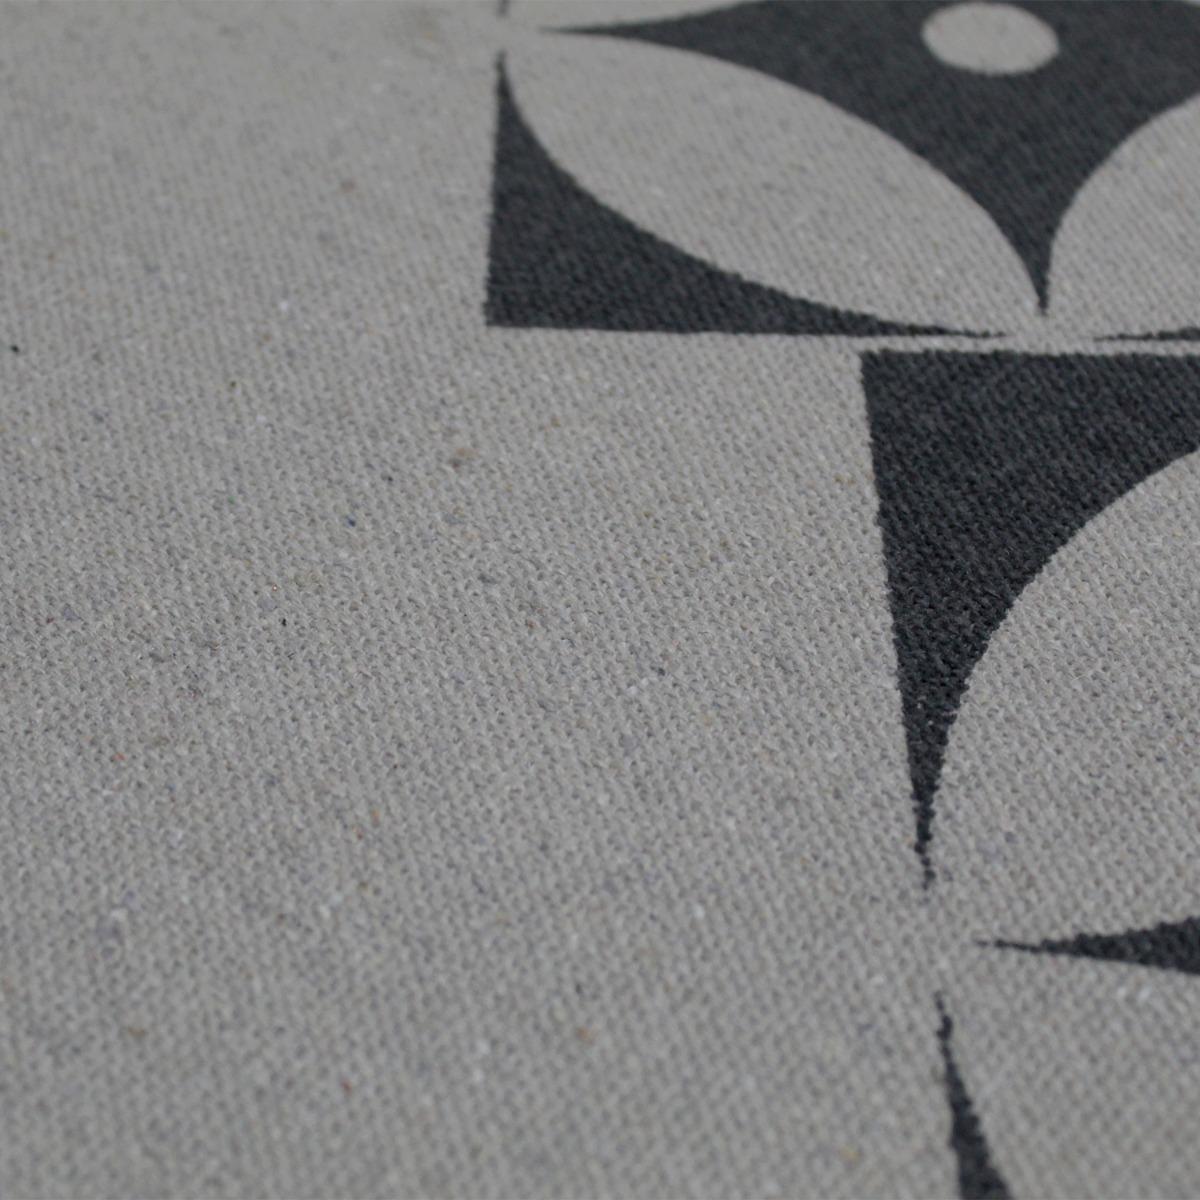 Jogo Tapete Cozinha Areia Algodão Antiderrapante Kit 3 Peças Star